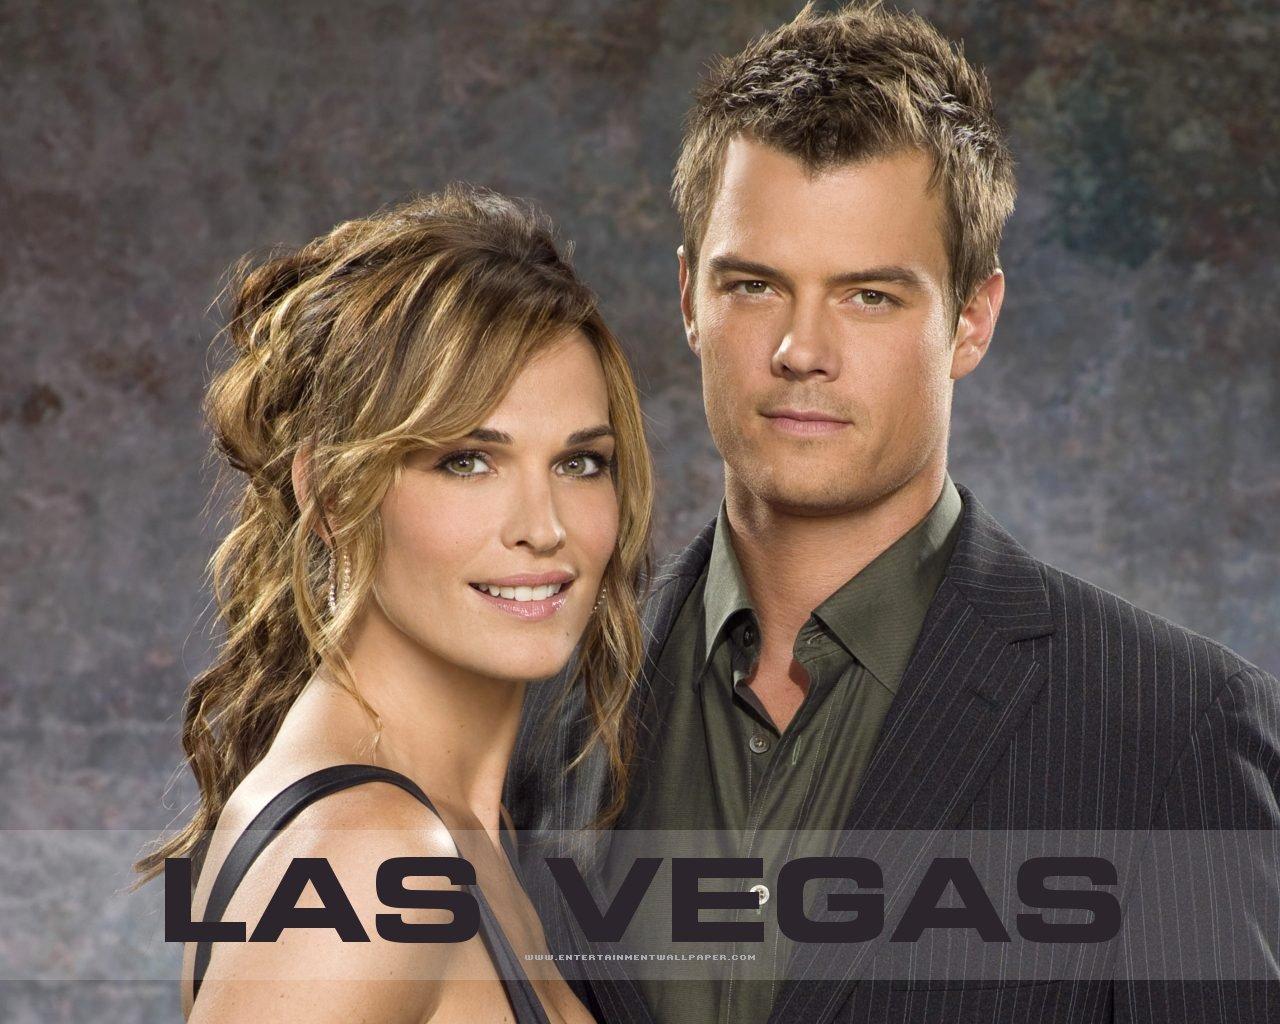 http://2.bp.blogspot.com/_7OwoUUbZTtE/S9-LzerX17I/AAAAAAAAACw/9nbxhIs5cy8/s1600/Las-Vegas-las-vegas-the-series-3036690-1280-1024.jpg